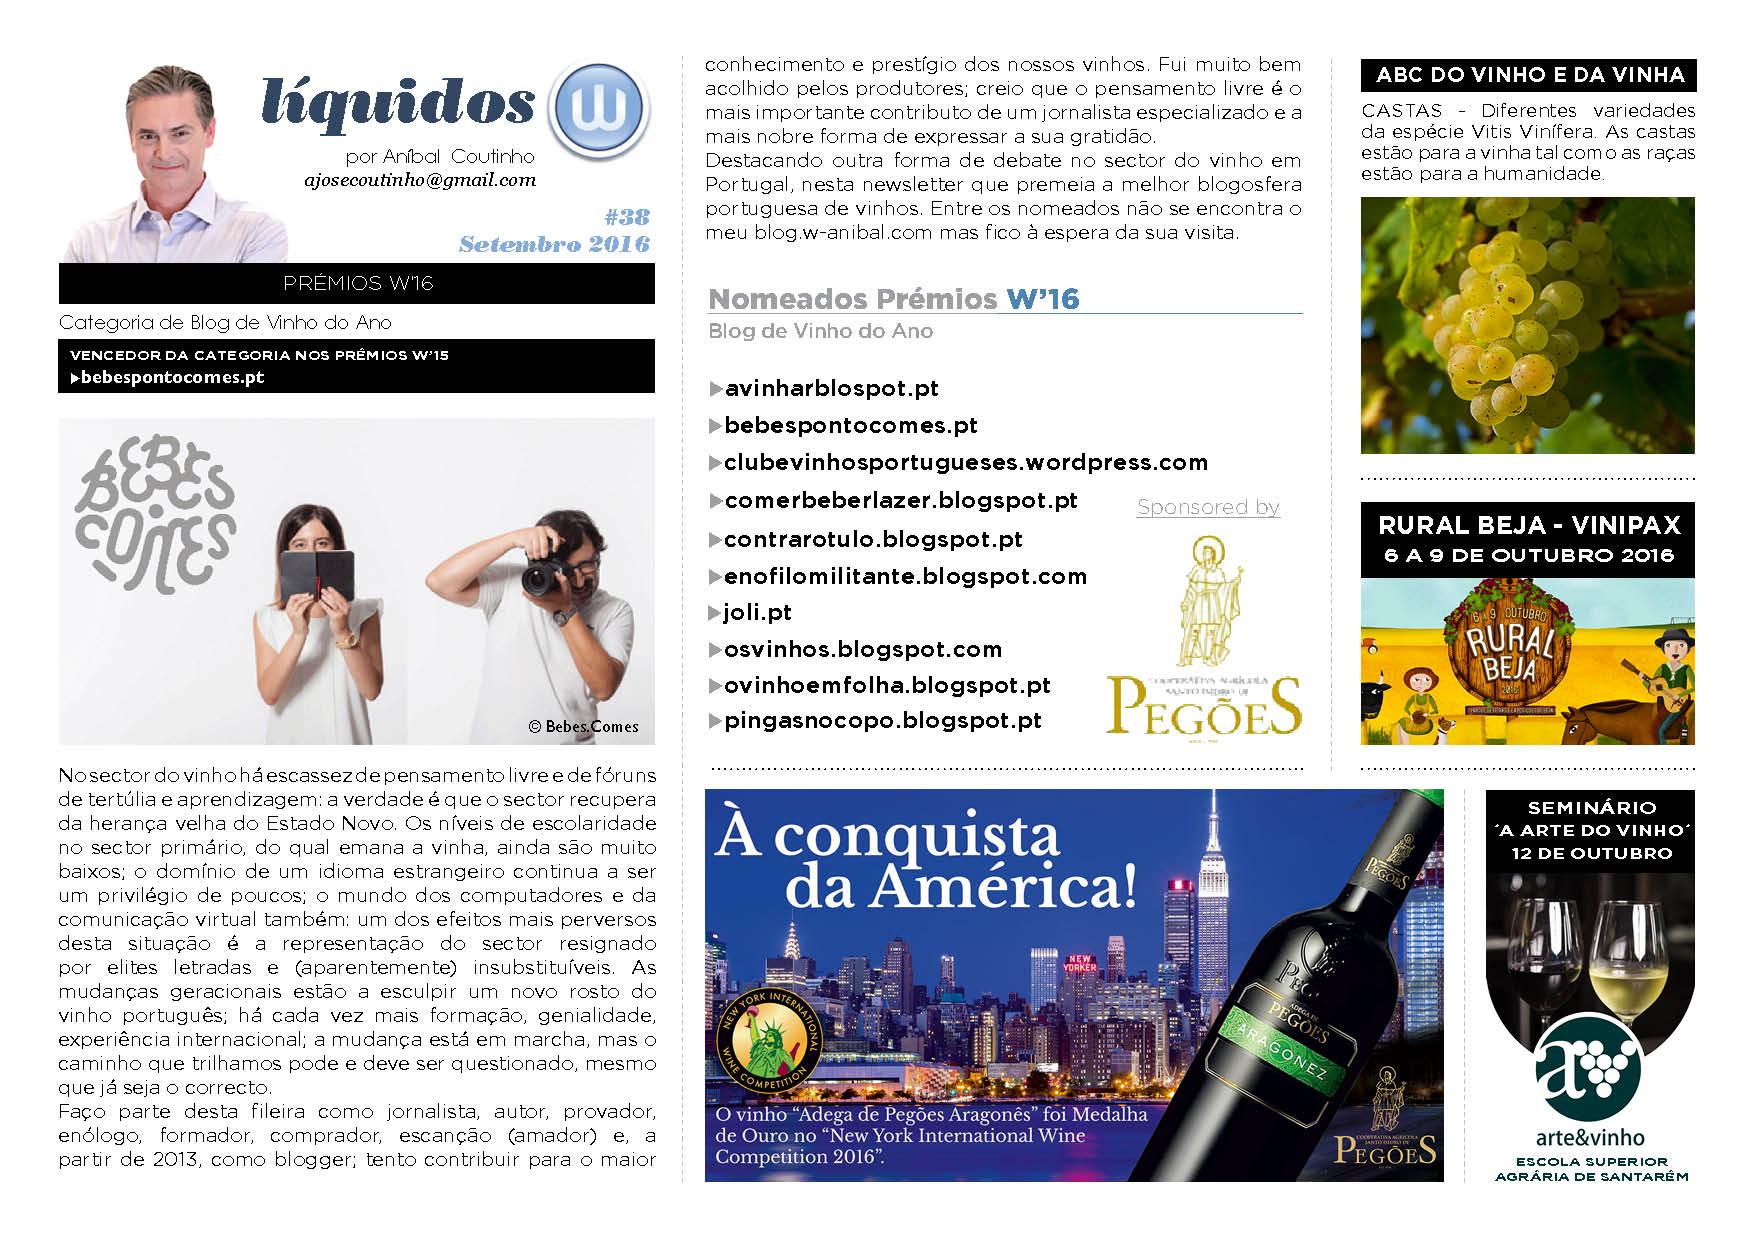 Newsletter #38